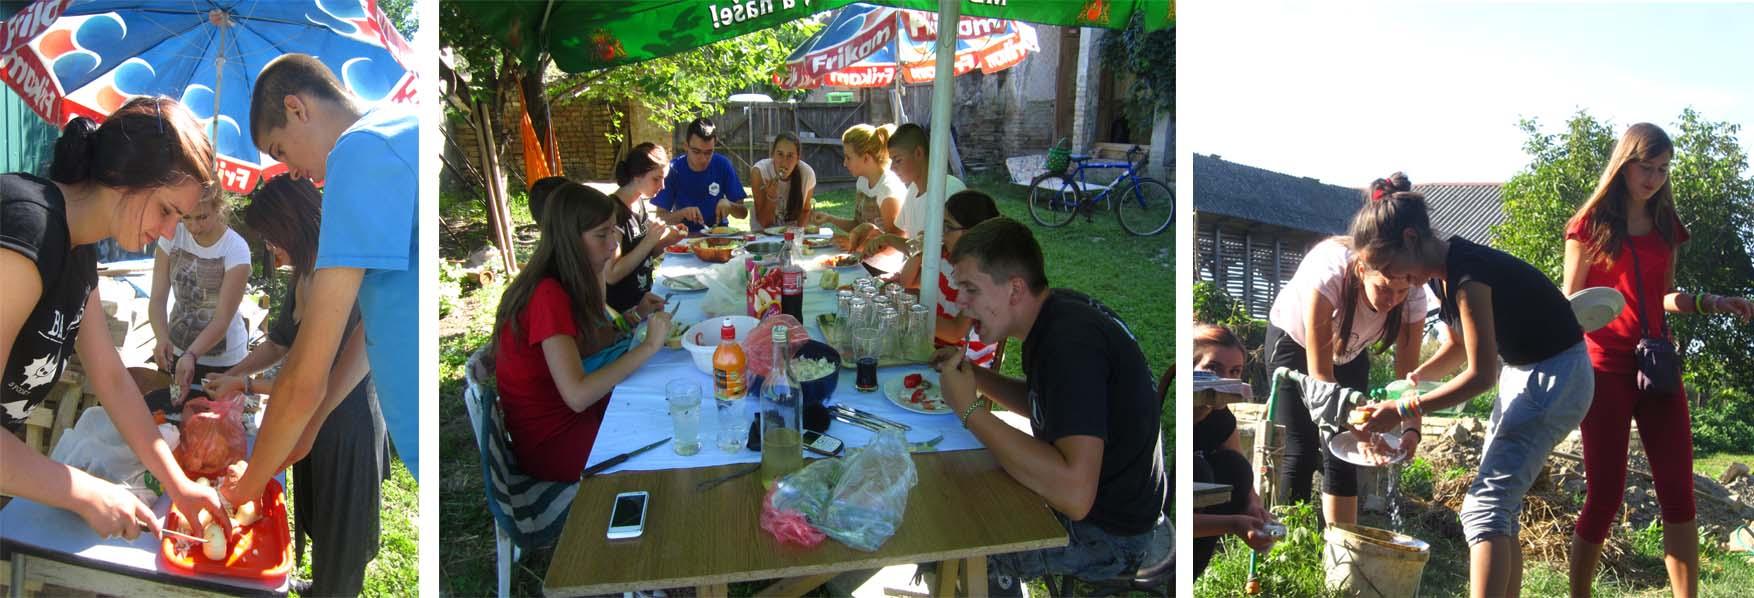 06 kamp zemljane arhitekture_priprema klopa sudovi